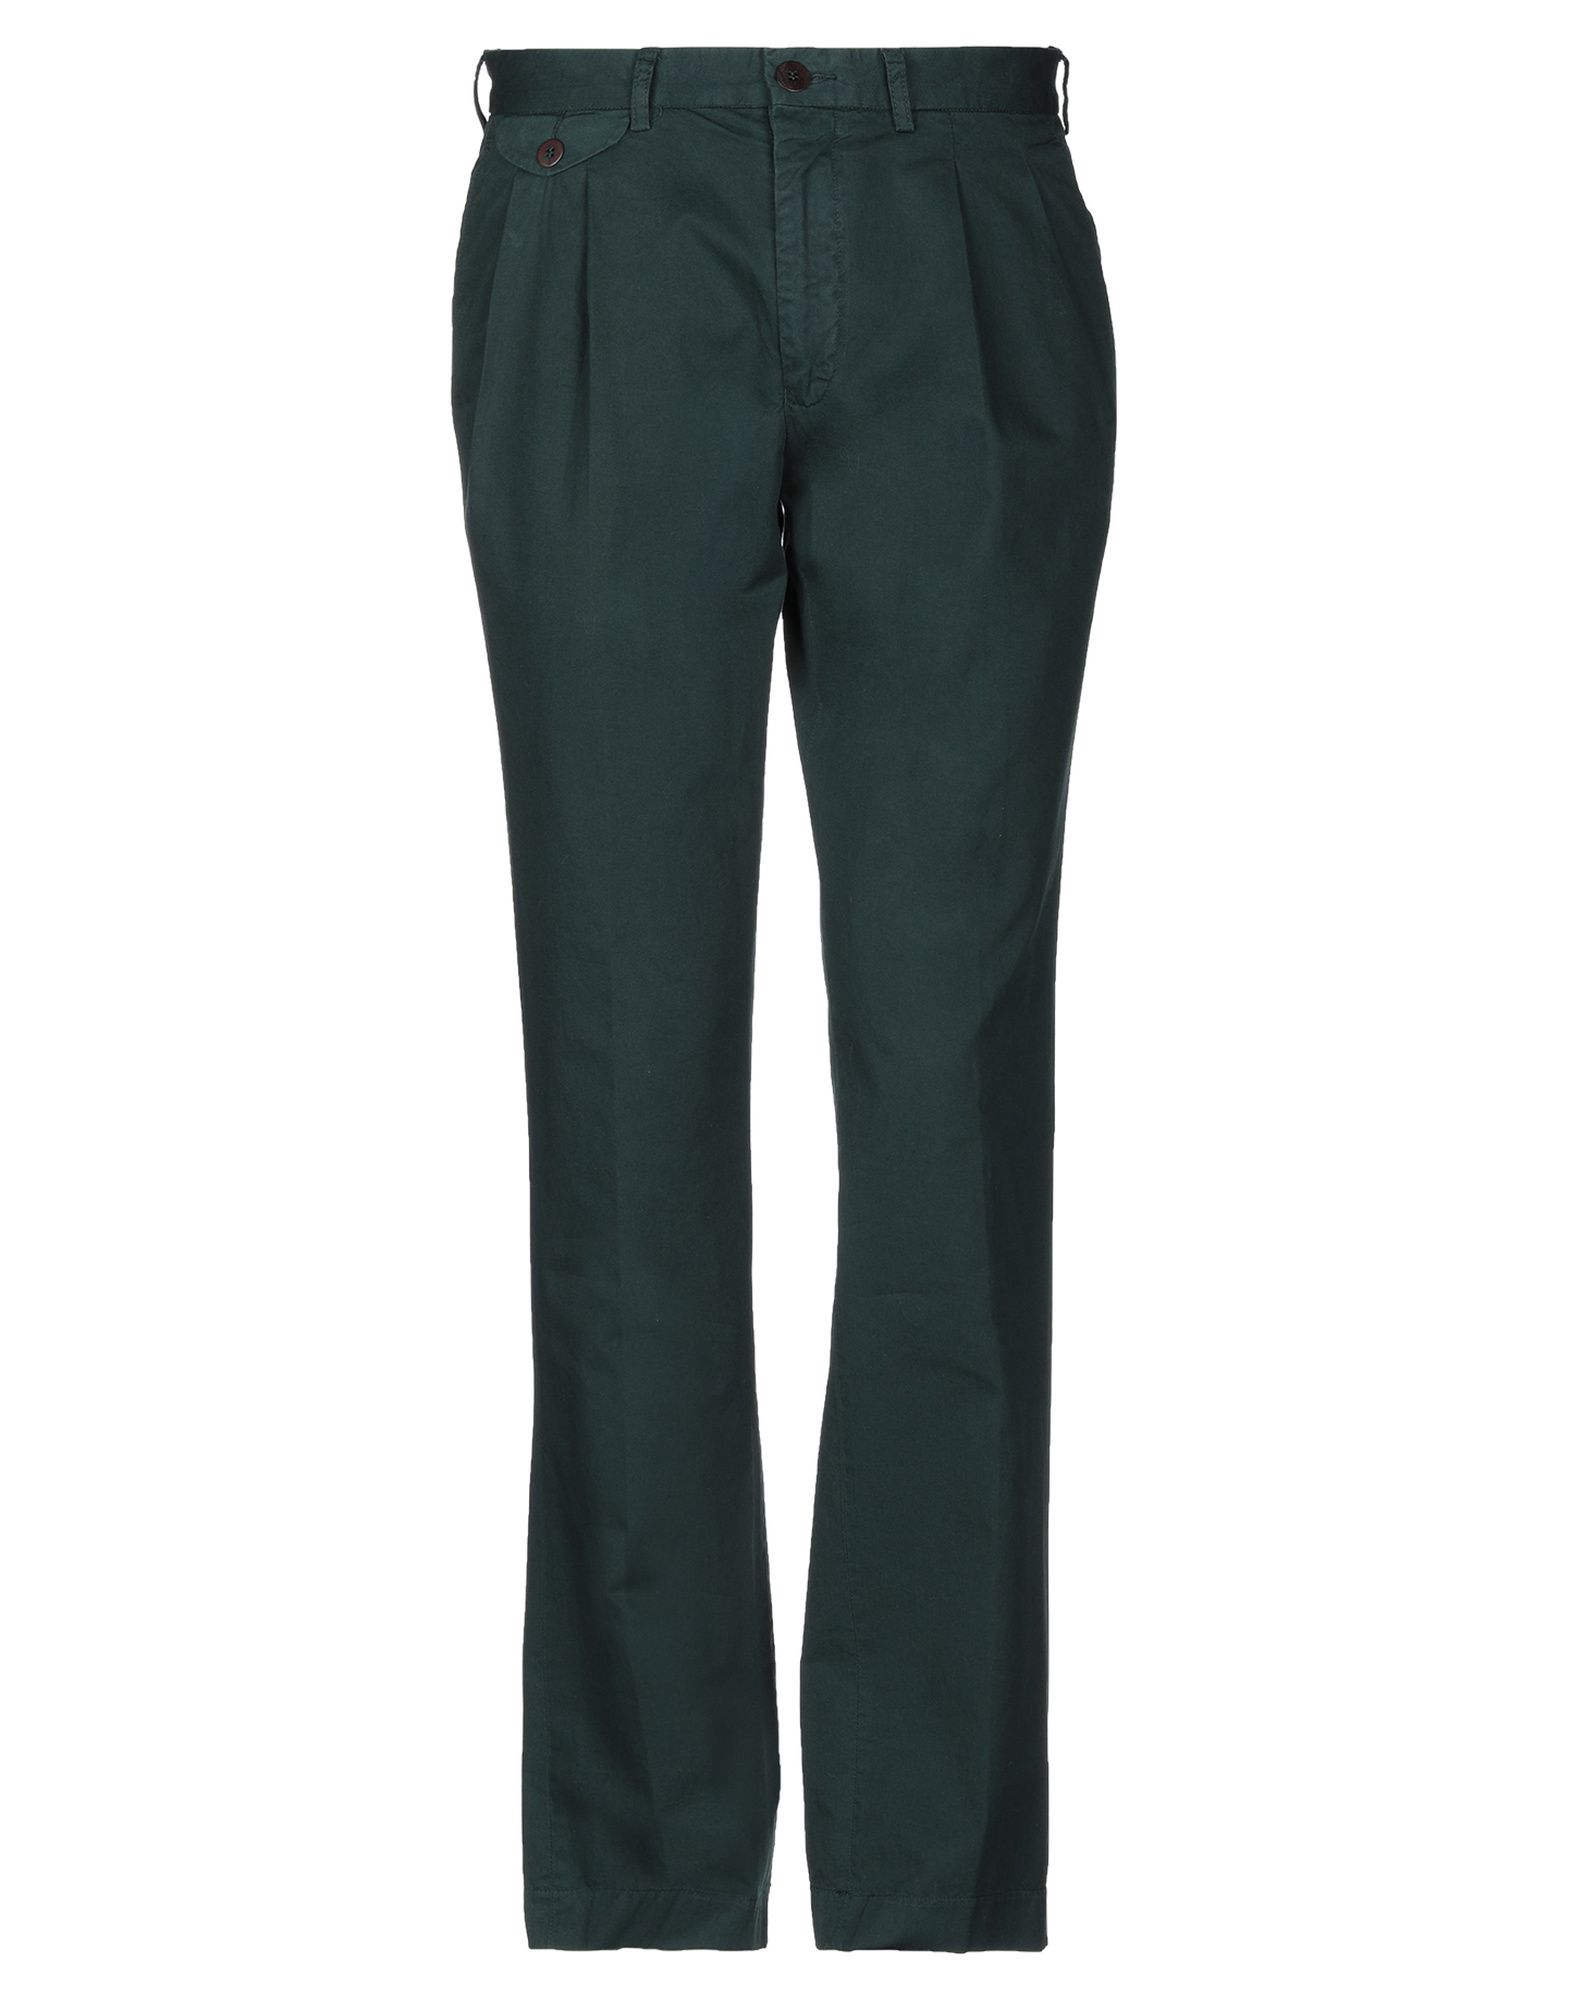 《期間限定セール中》LA PAZ メンズ パンツ ダークグリーン S コットン 100%